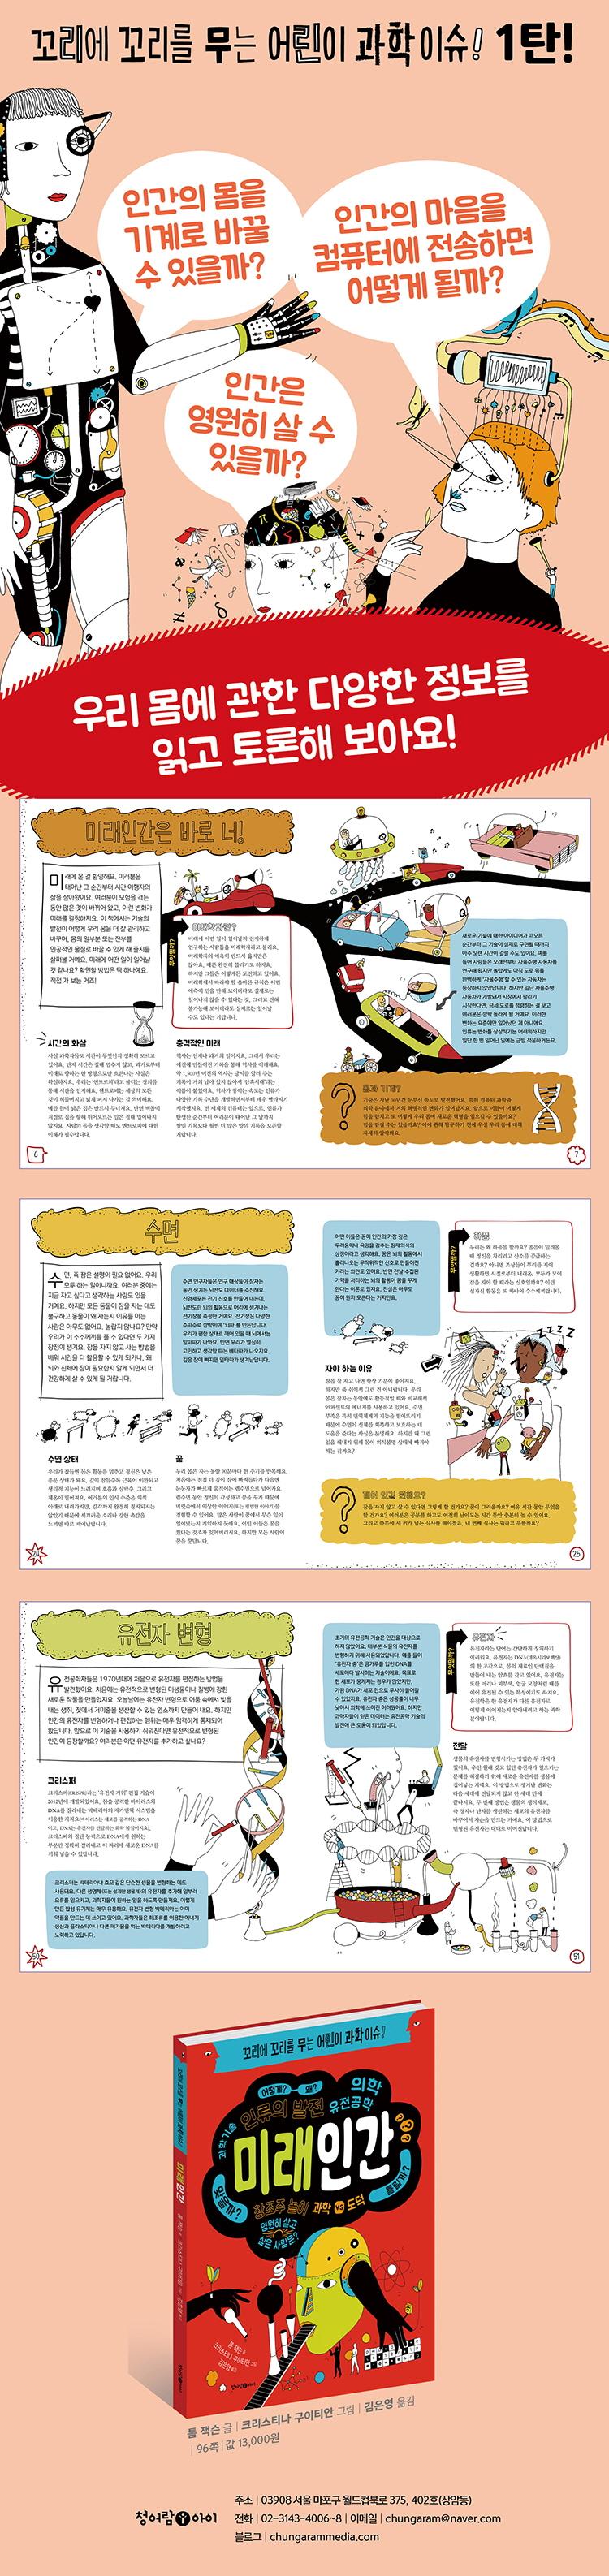 미래인간(꼬리에 꼬리를 무는 어린이 과학이슈 1)(양장본 HardCover) 도서 상세이미지